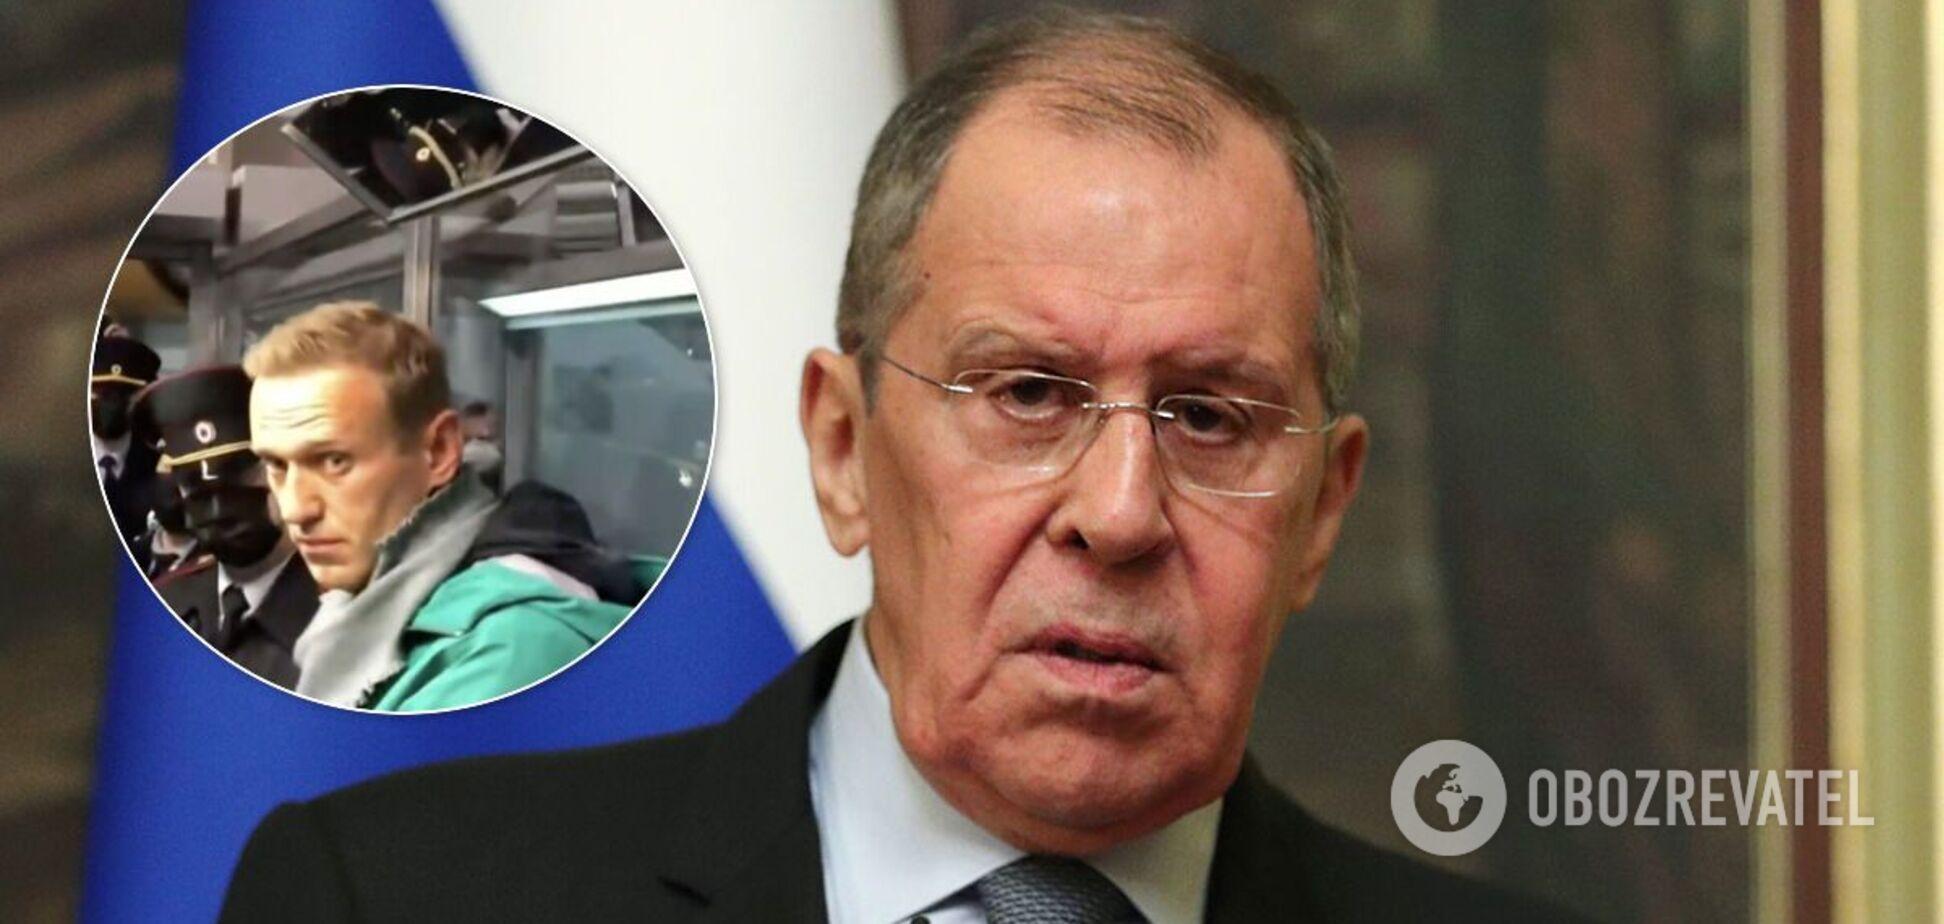 Лавров ответил на заявления Запада о Навальном и назвал немцев 'хамами'